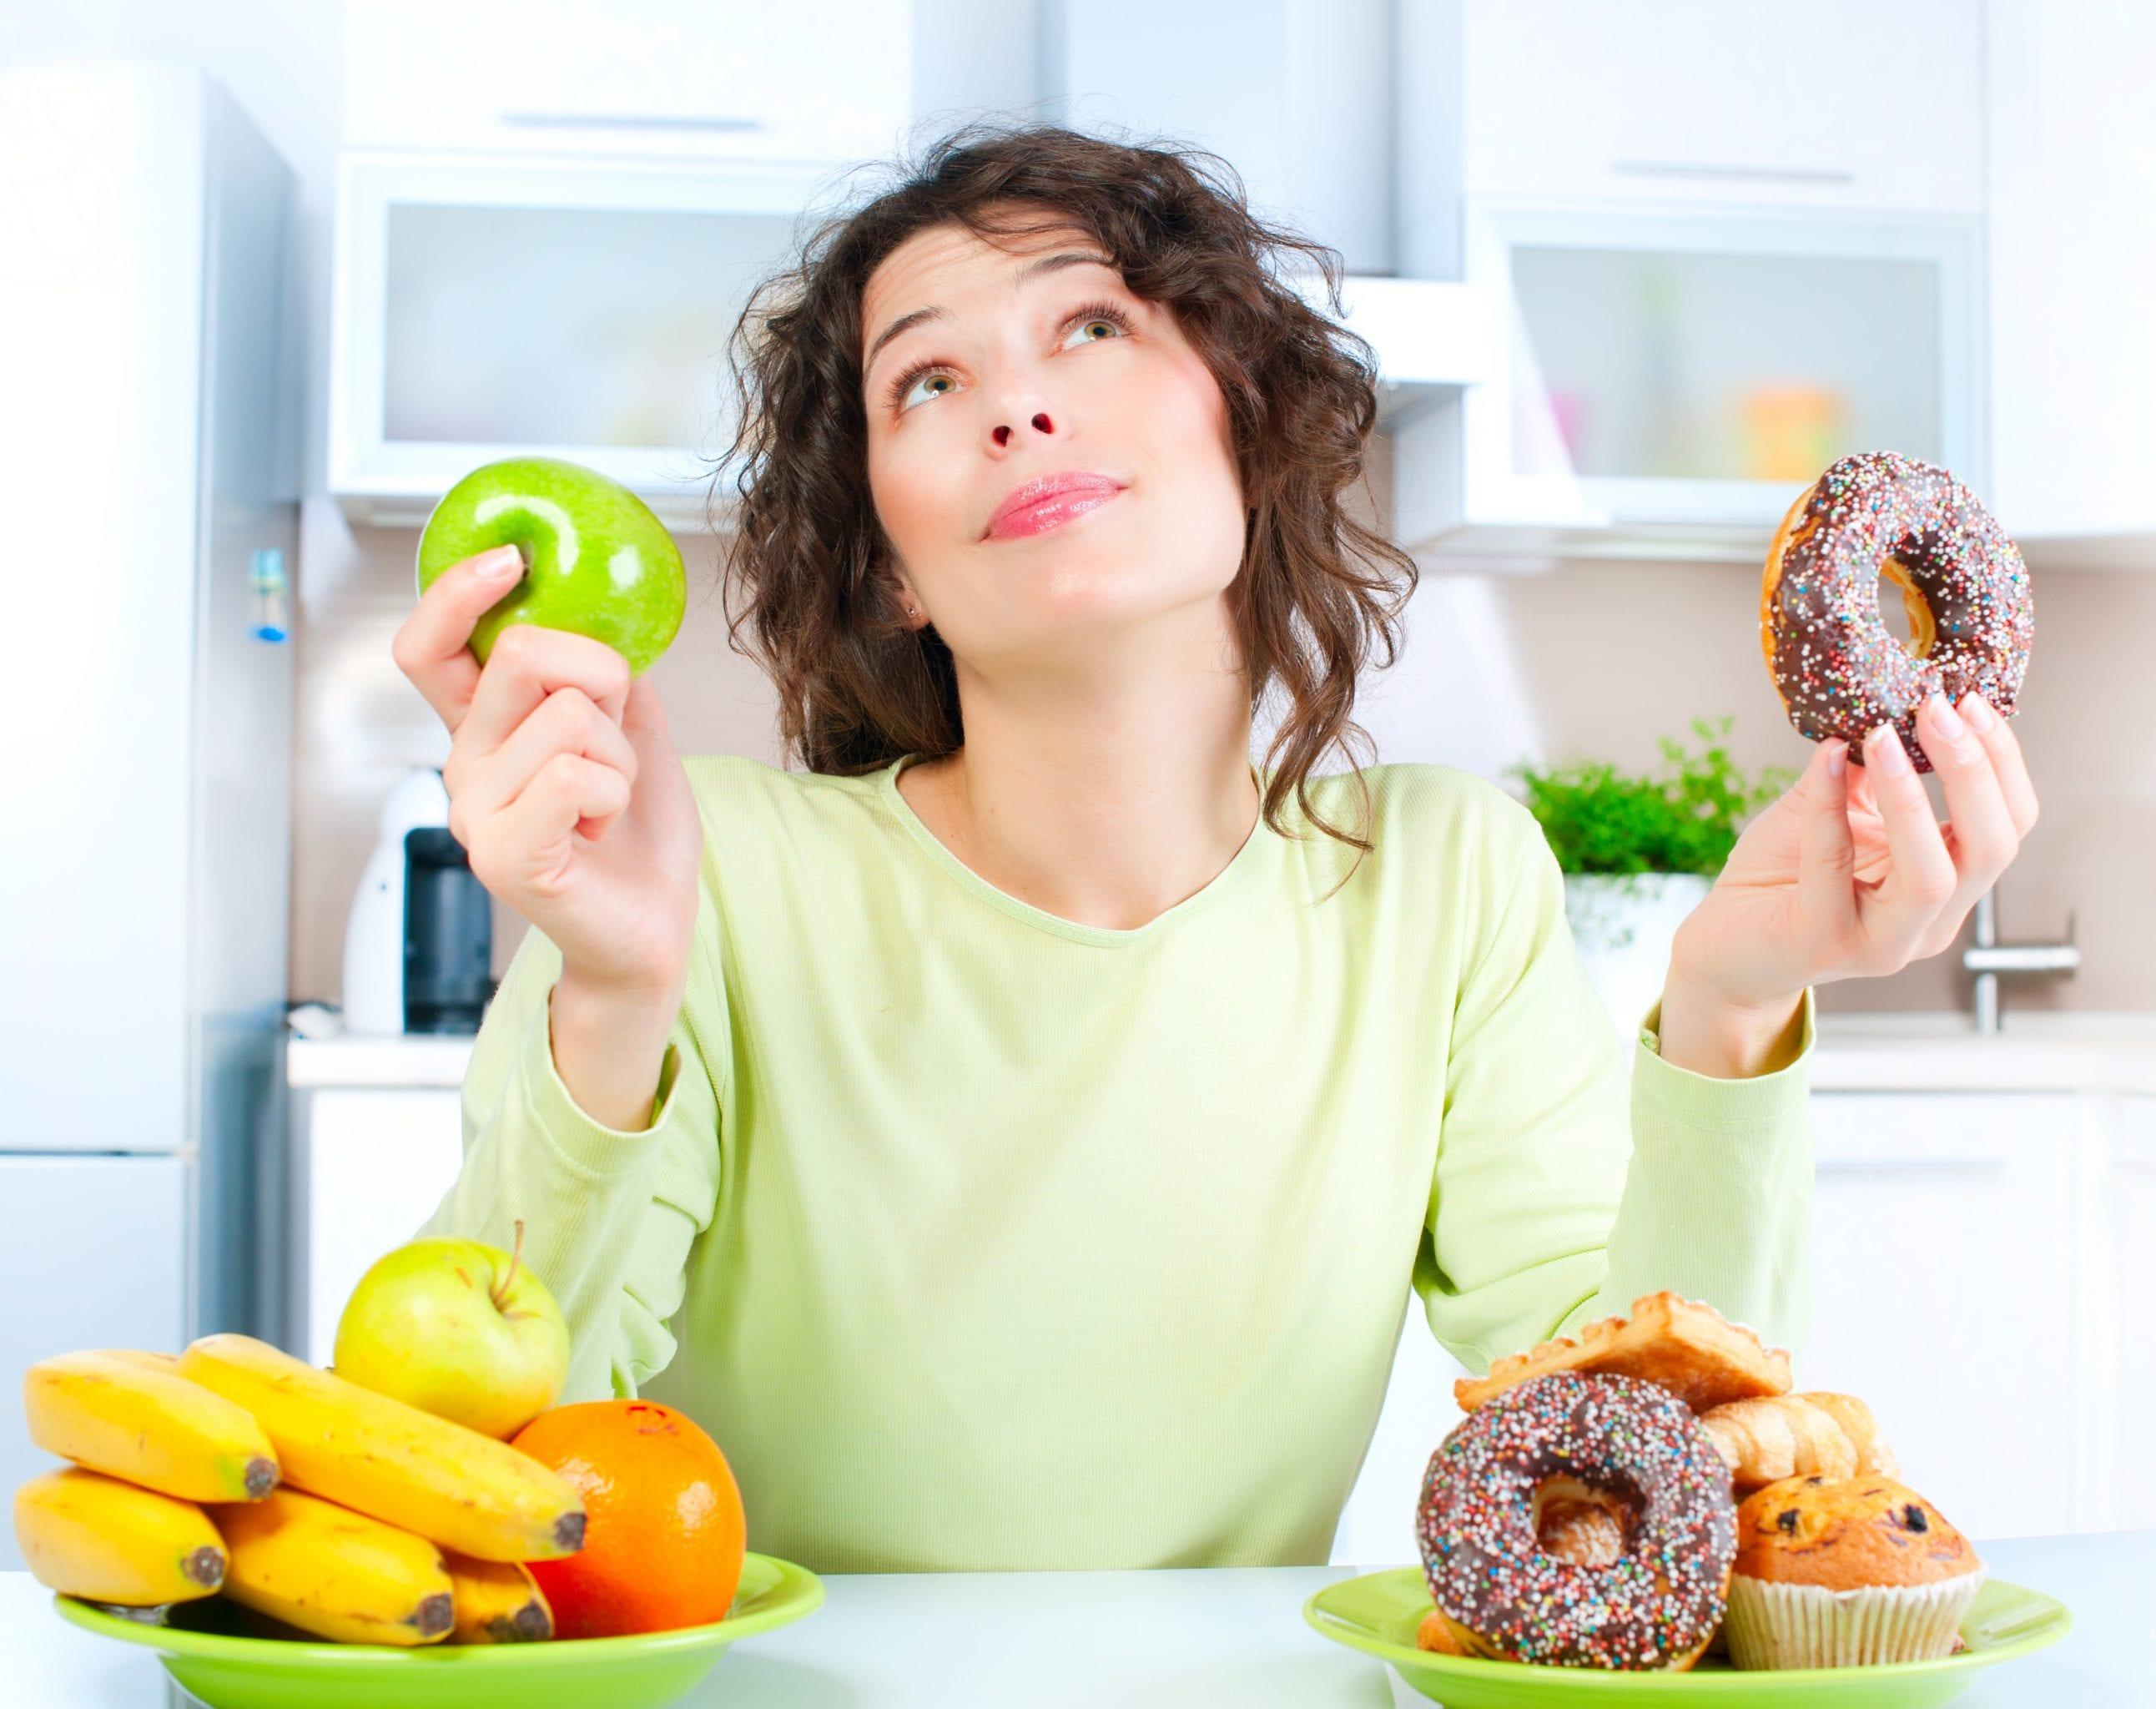 Following a Diet & Fitness Plan